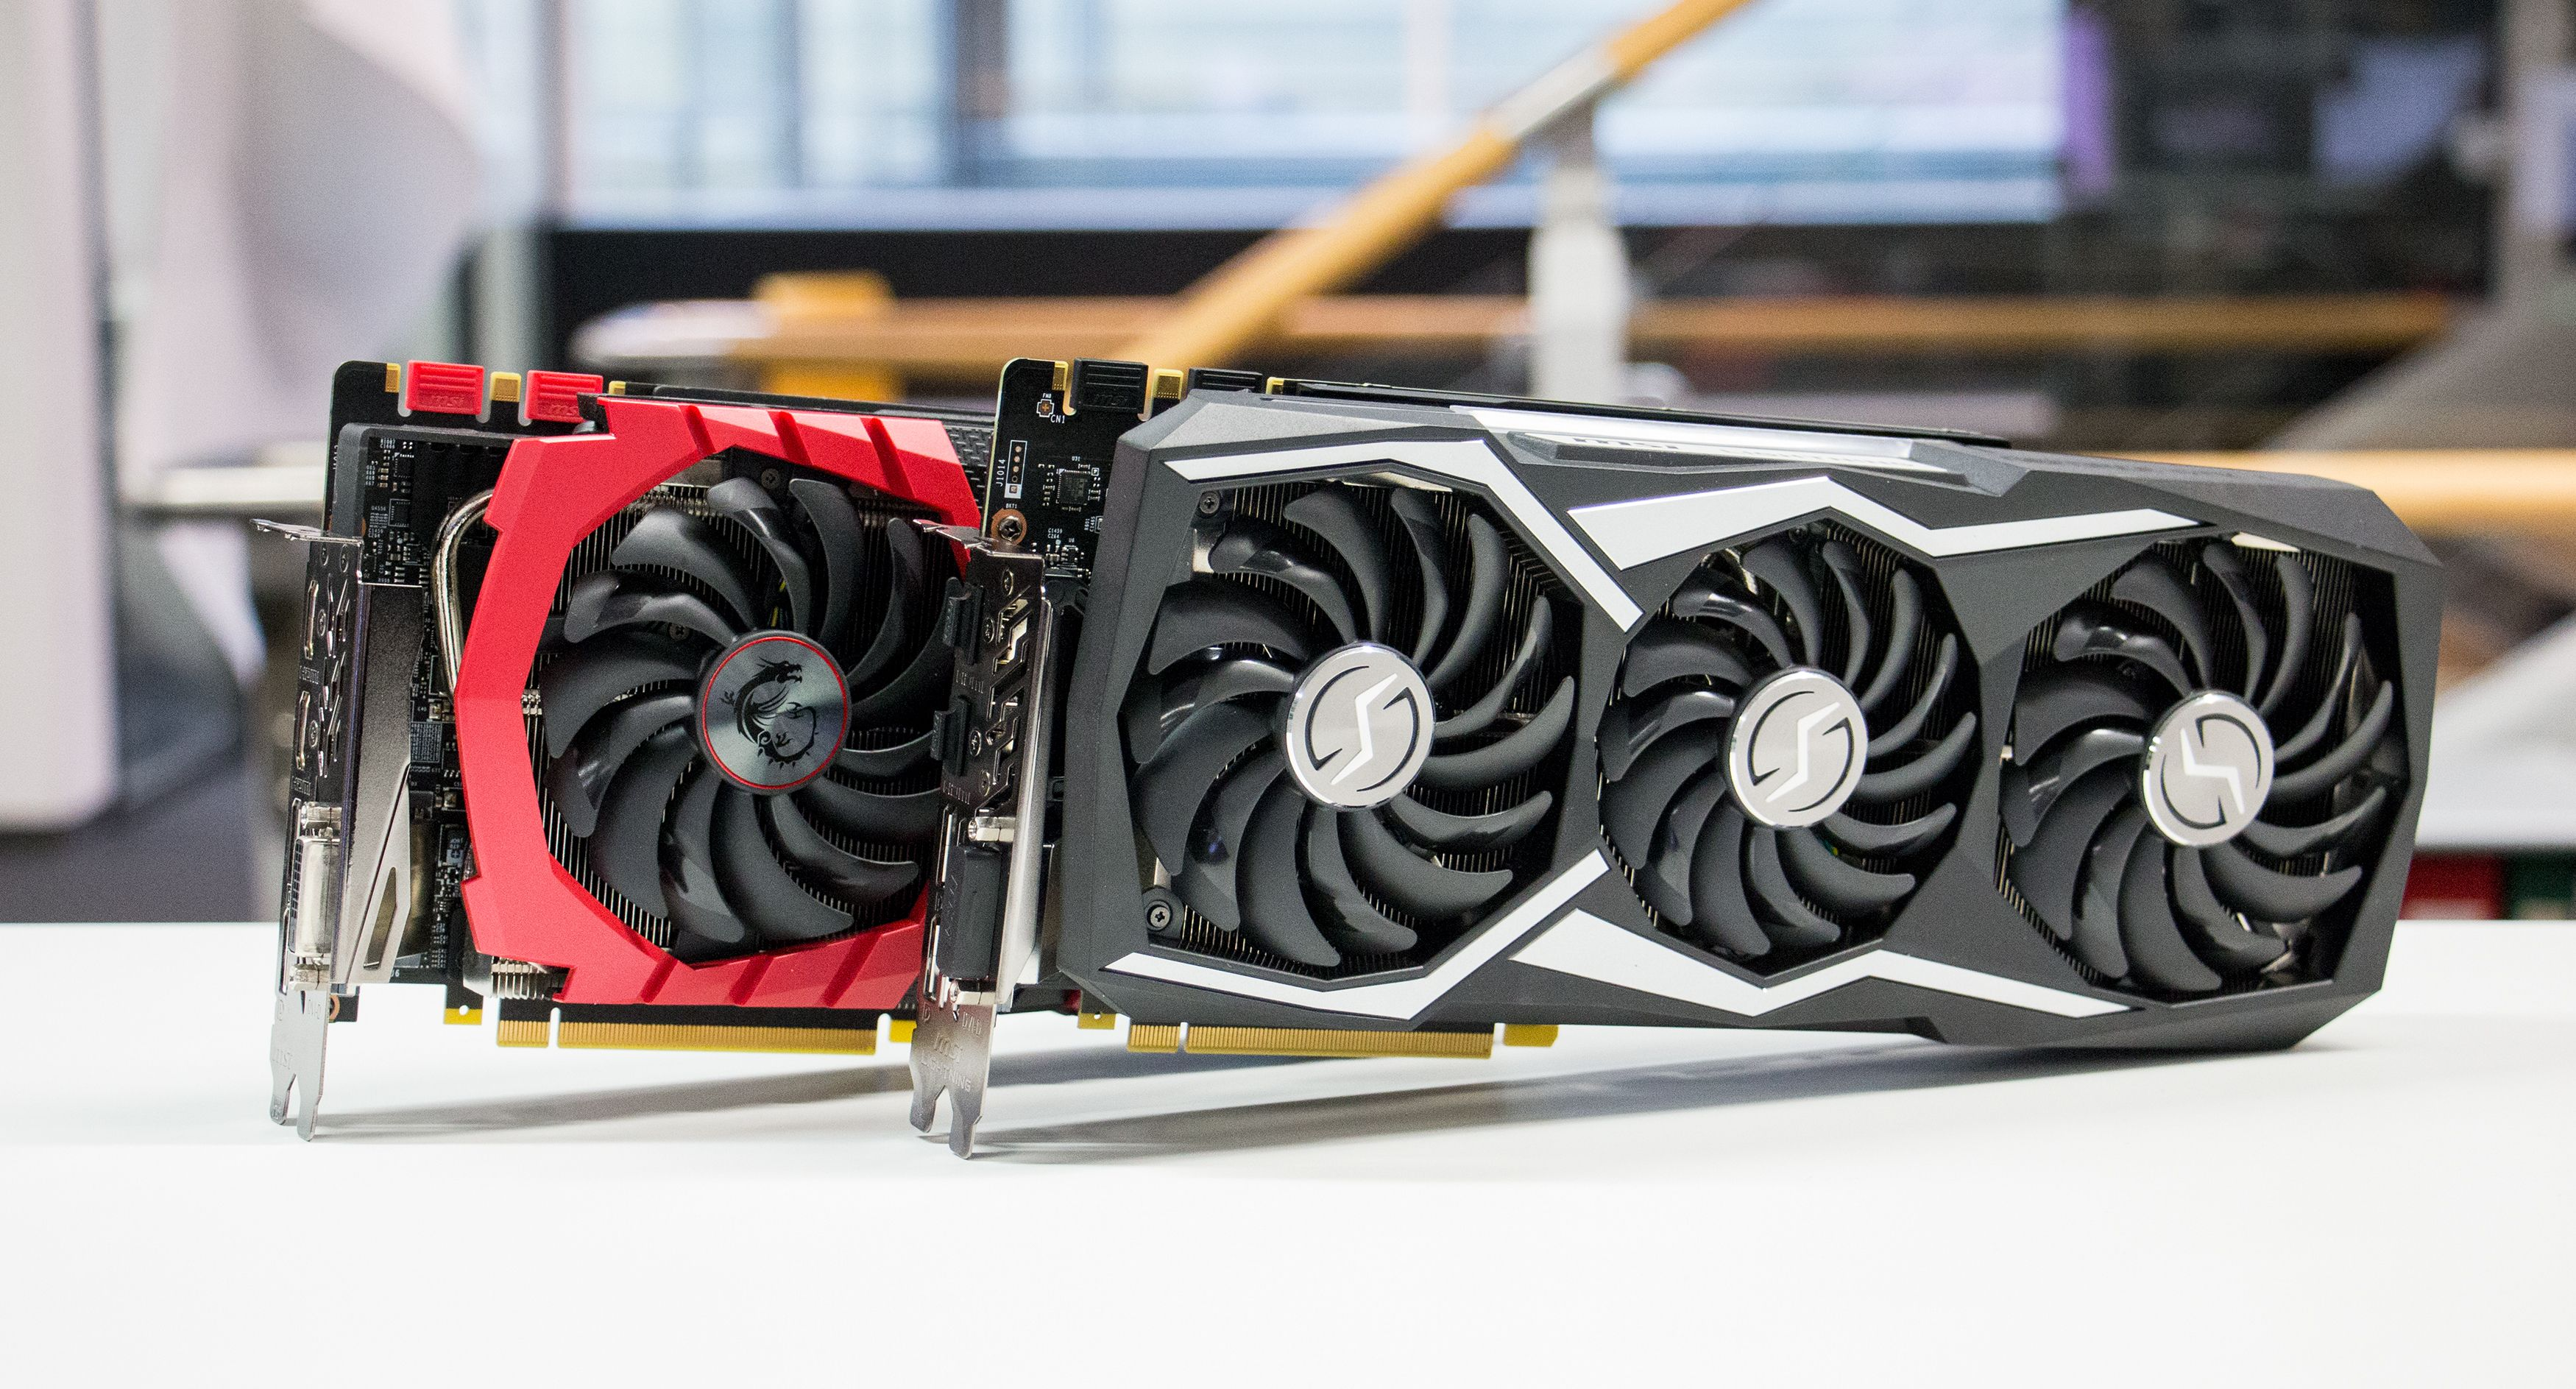 Lightning Z, til høyre, bør gjøre et bedre inntrykk enn Gaming X, til venstre, som koster 1100 kroner mindre.